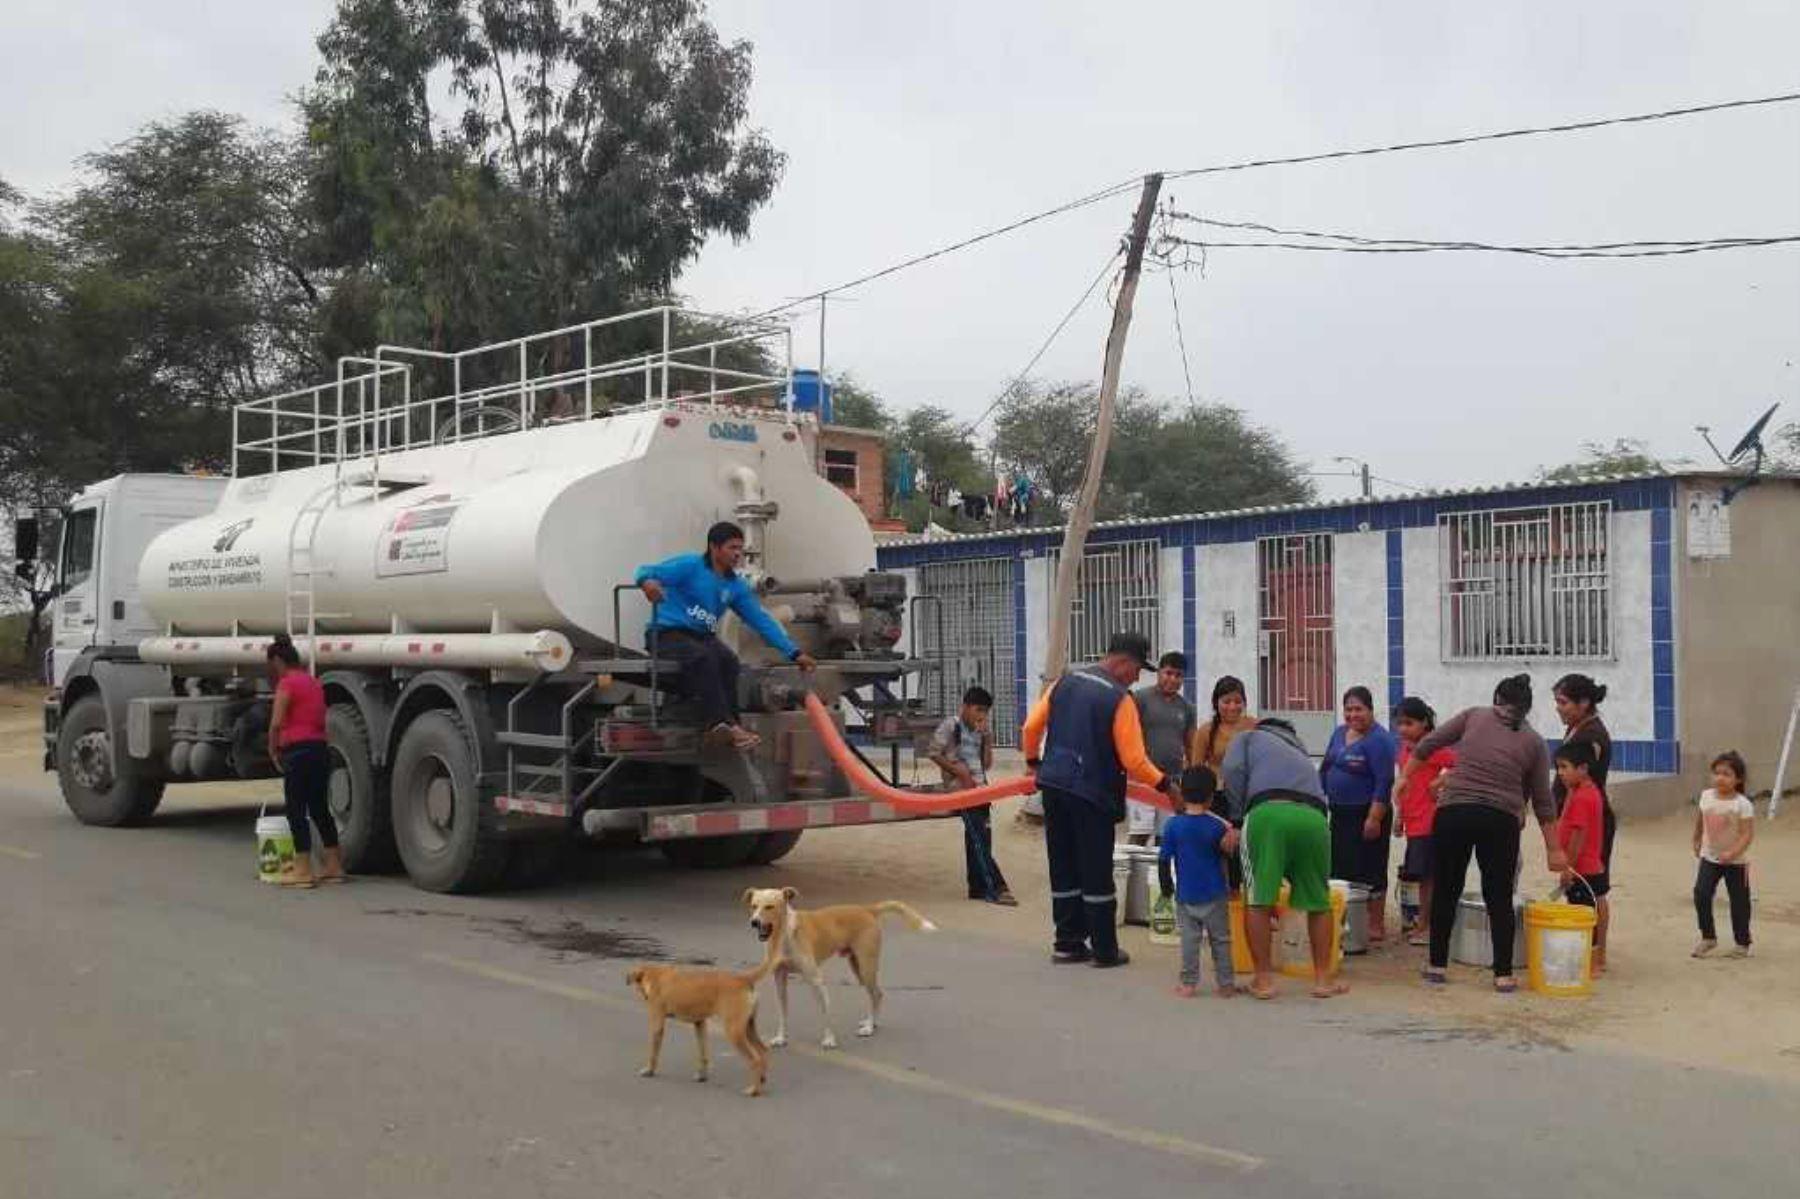 Más de 40, 000 vecinos de los centros poblados de Mórrope, en la región Lambayeque, están recibiendo agua potable en camiones cisternas del Ministerio de Vivienda, Construcción y Saneamiento (MVCS), en el marco de la declaratoria del Estado de Emergencia que se diera debido a que las aguas subterráneas que abastece al distrito y sus caseríos, están contaminadas con arsénico.